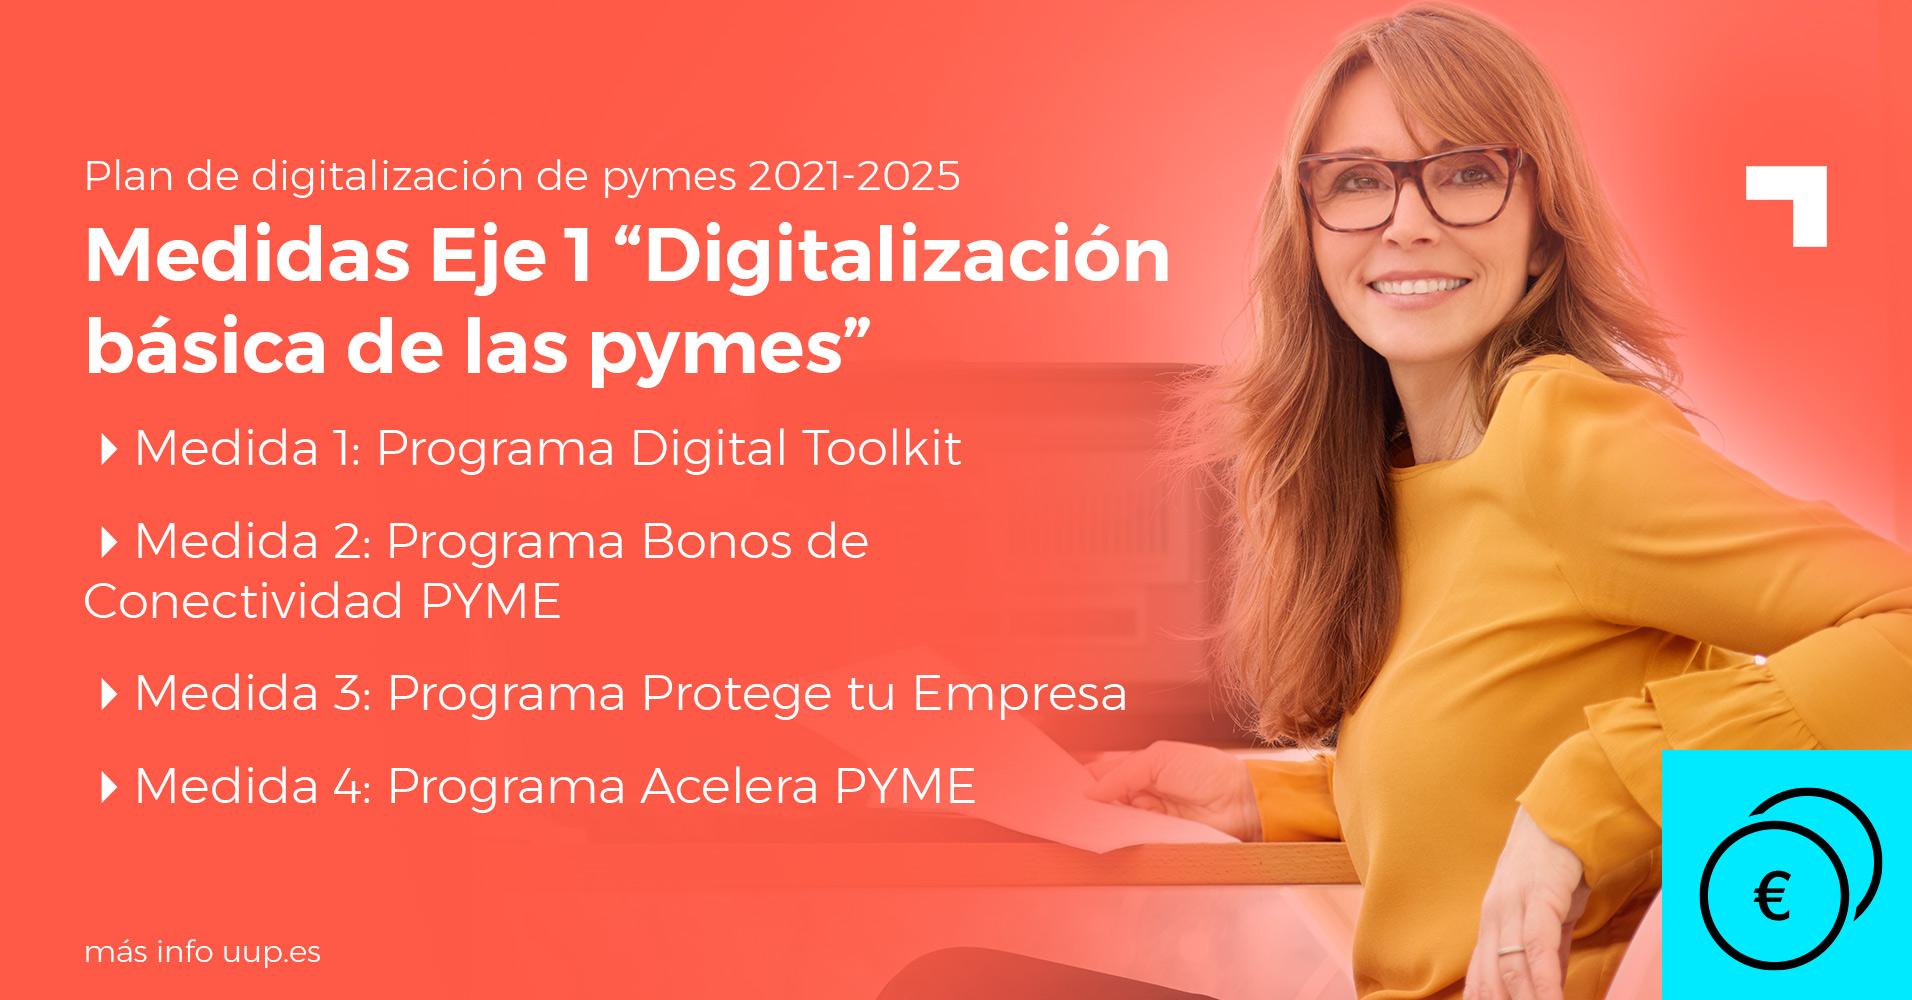 """Medidas eje 1 """"Digitalización básica de las pymes"""""""